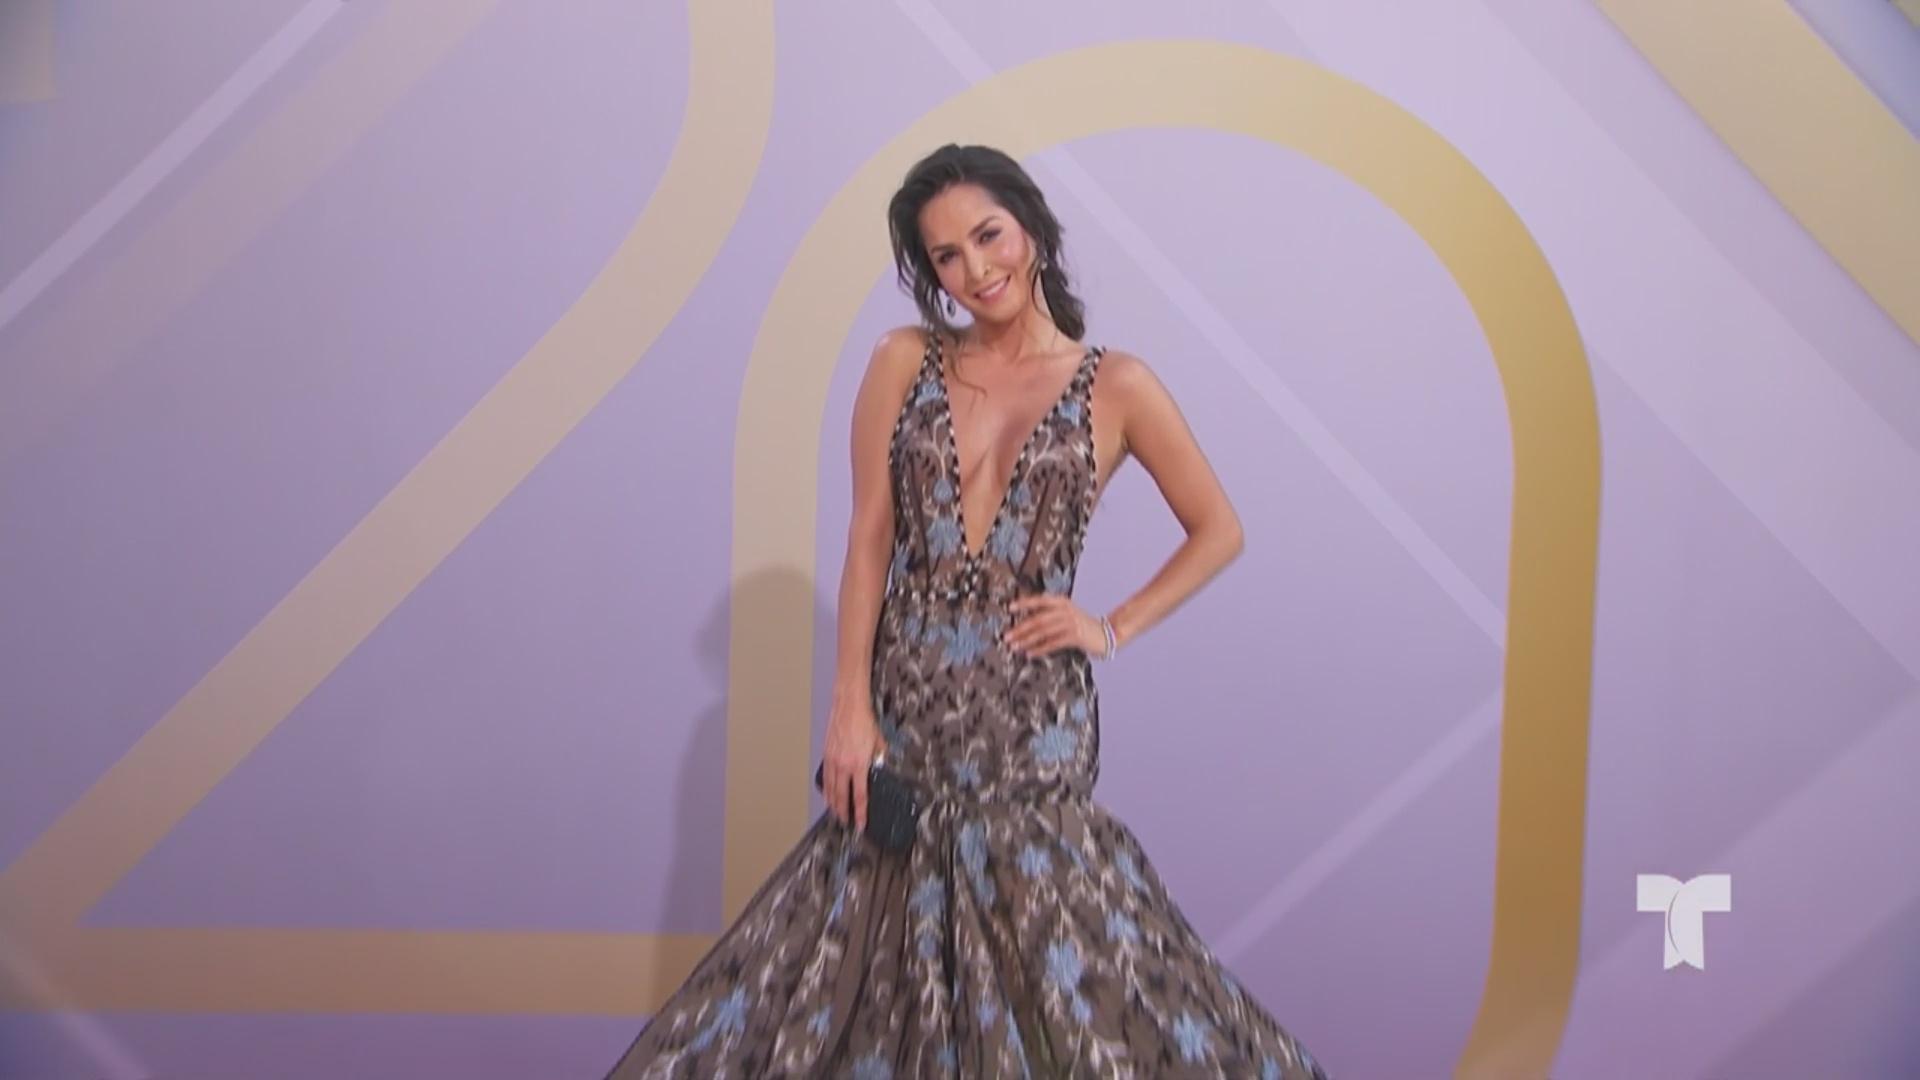 edbc277613 Los mejores vestidos en Acceso VIP de Premios Billboard 2018 ...